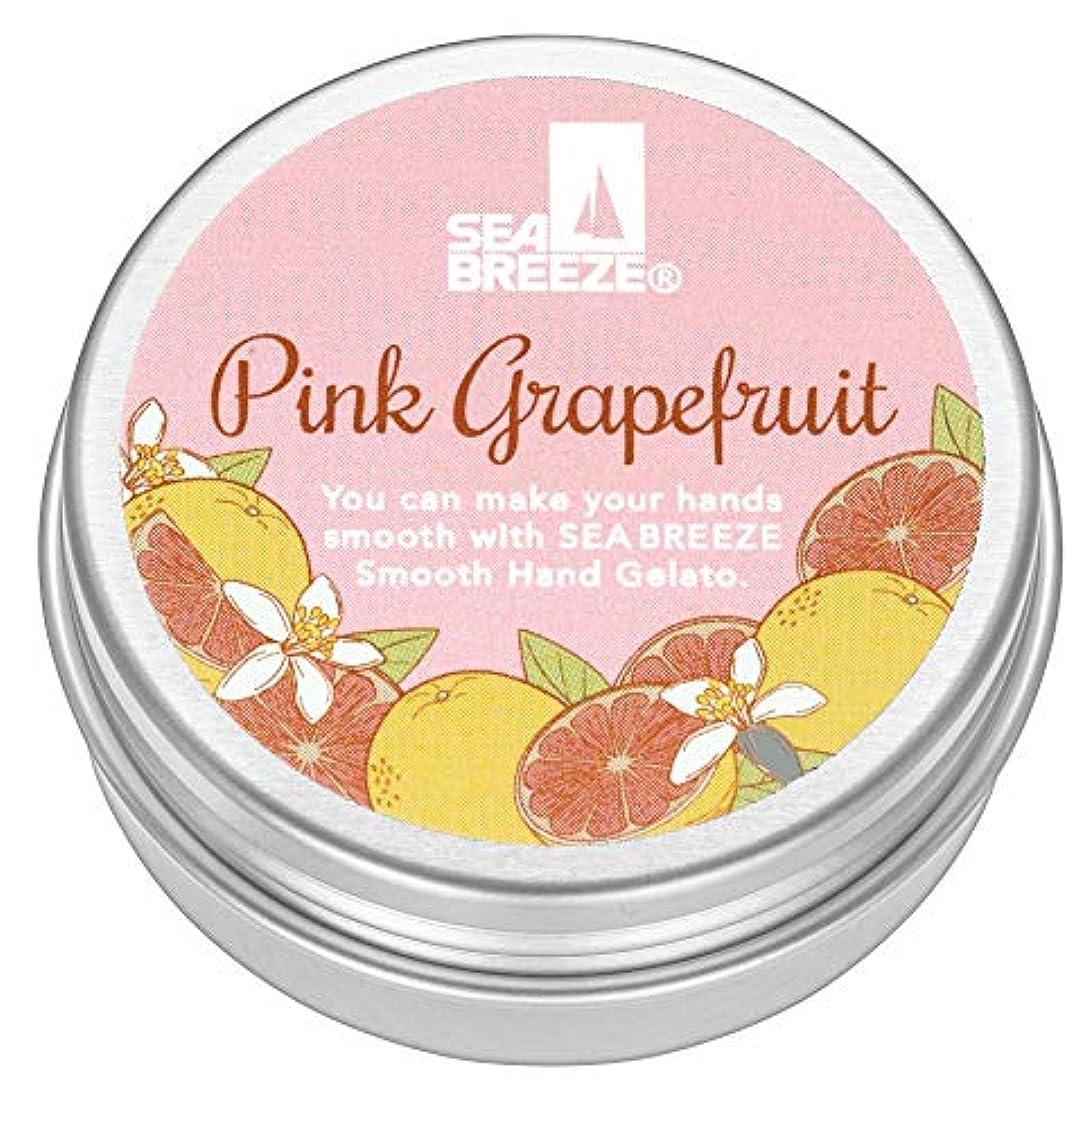 エーカークランプ徒歩でシーブリーズ スムースハンドジェラート ピンクグレープフルーツ 18g